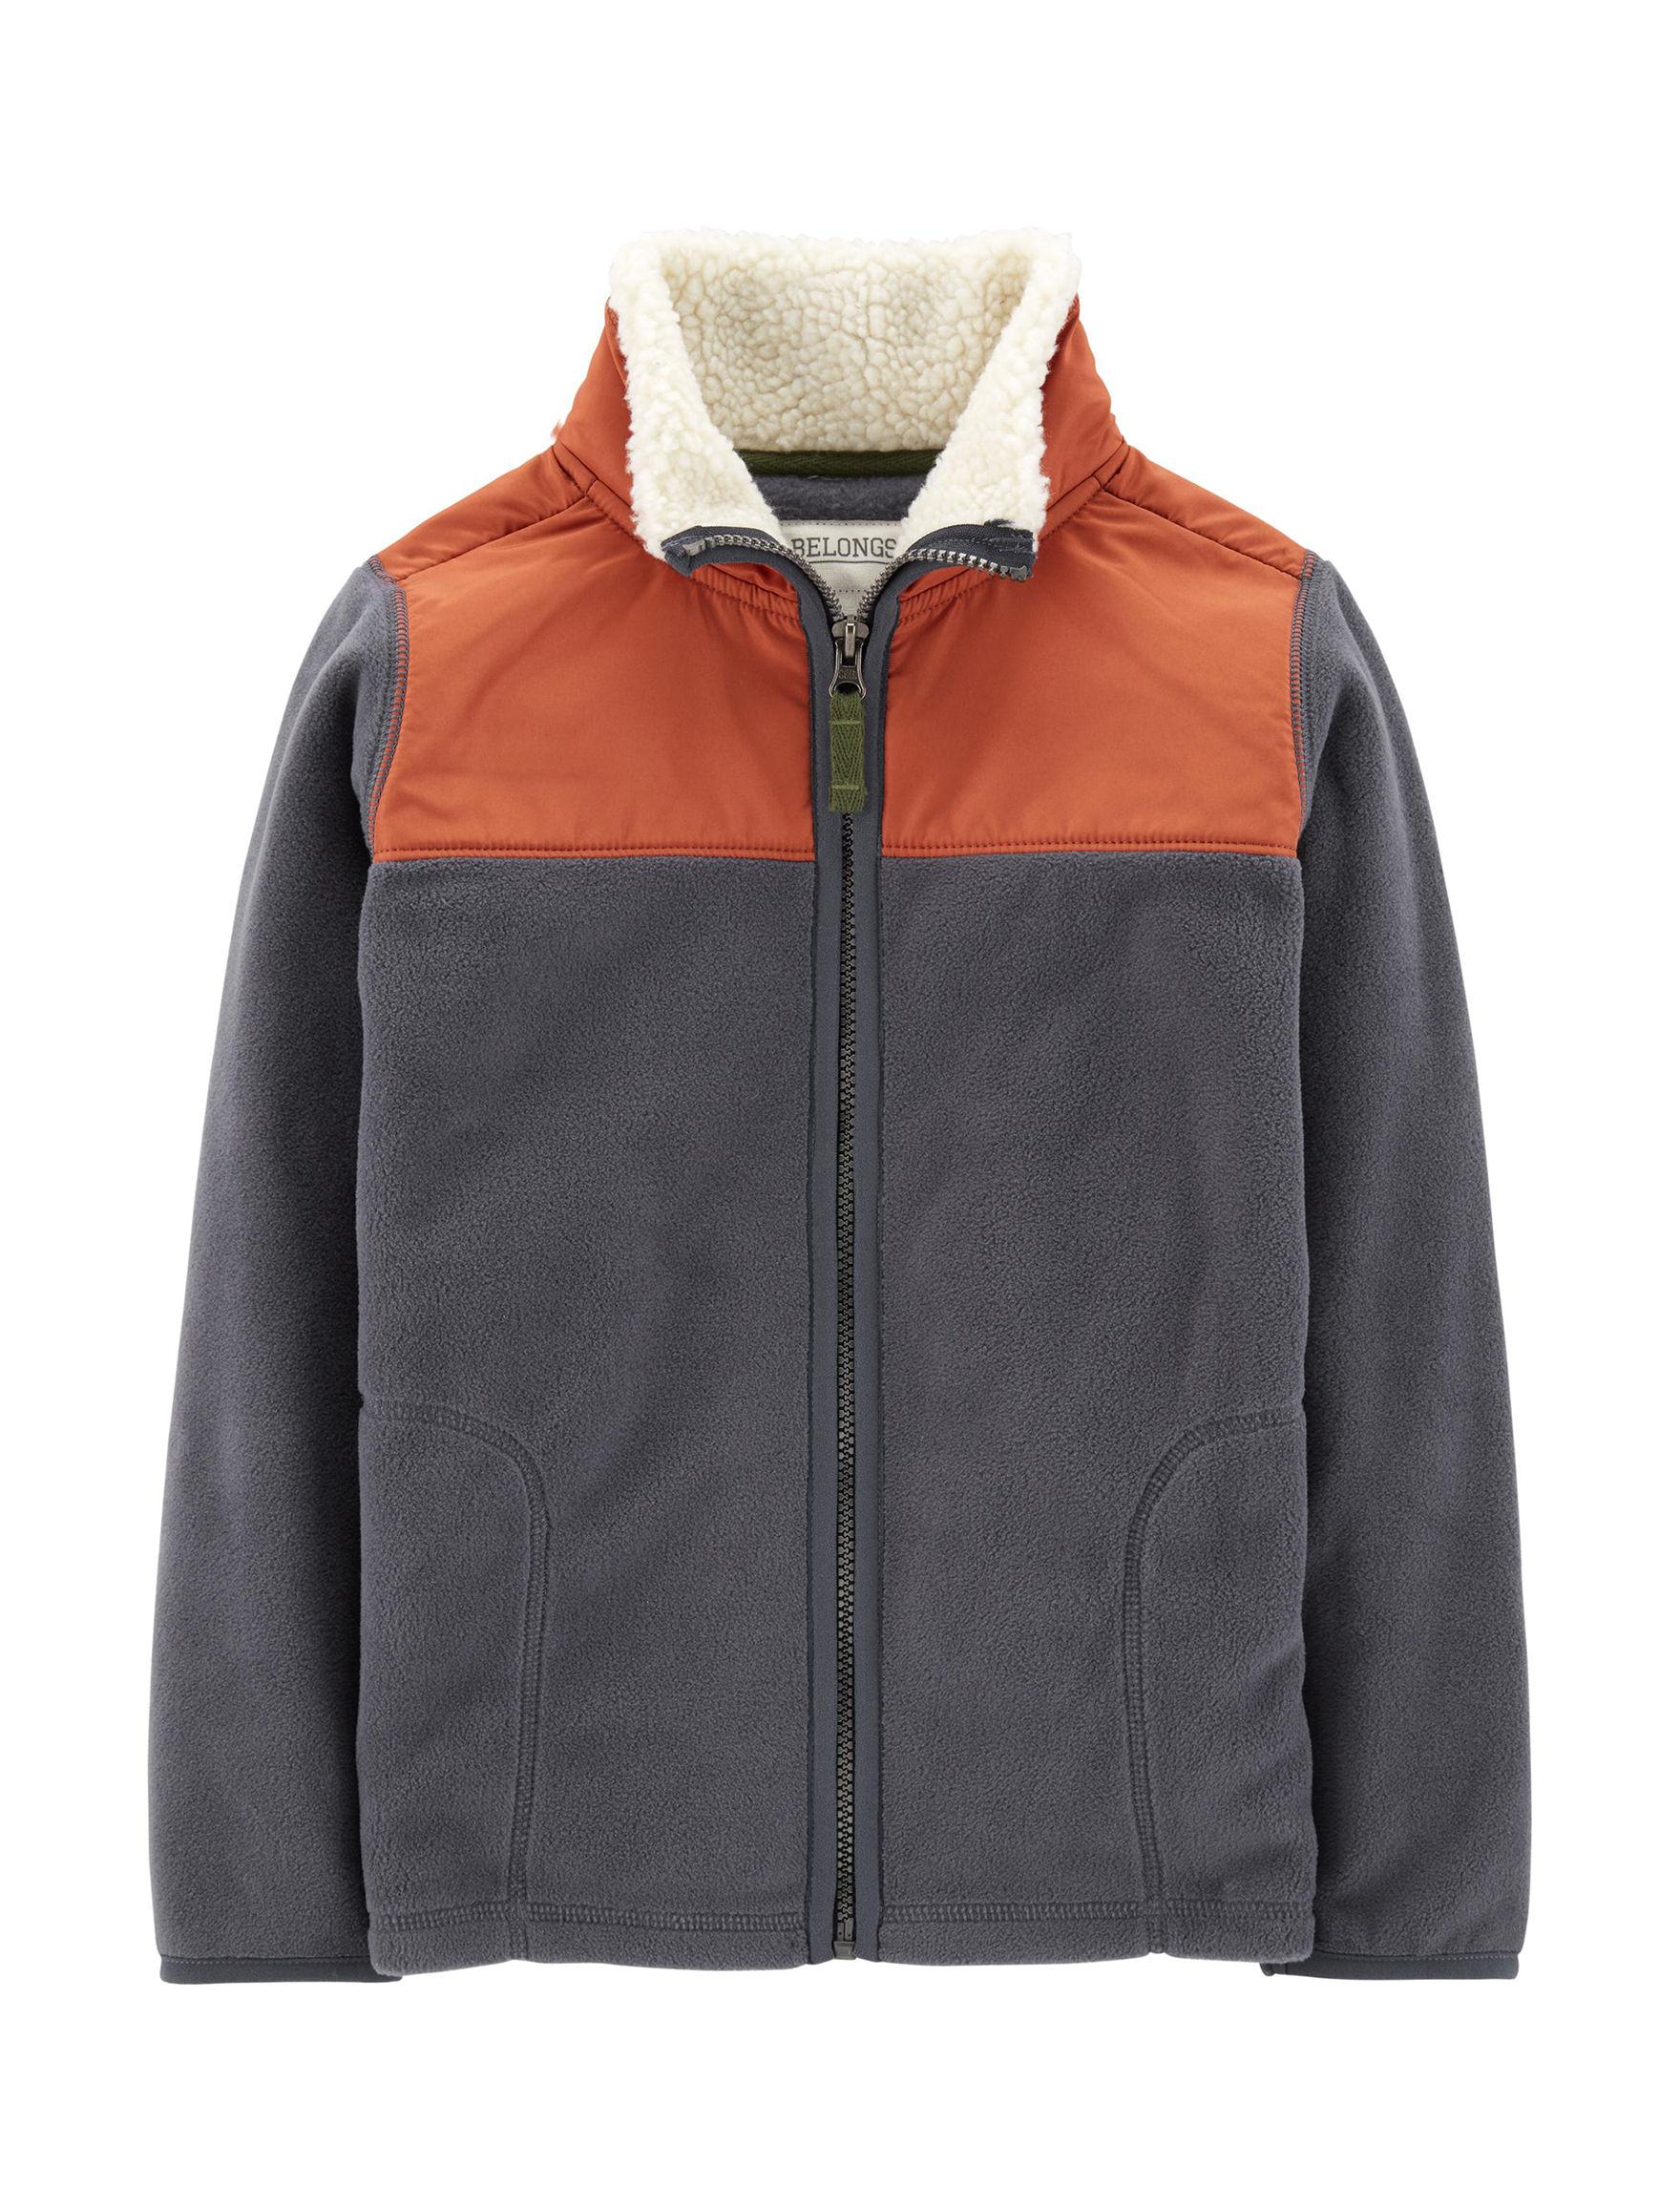 Carter's Navy Heather Fleece & Soft Shell Jackets